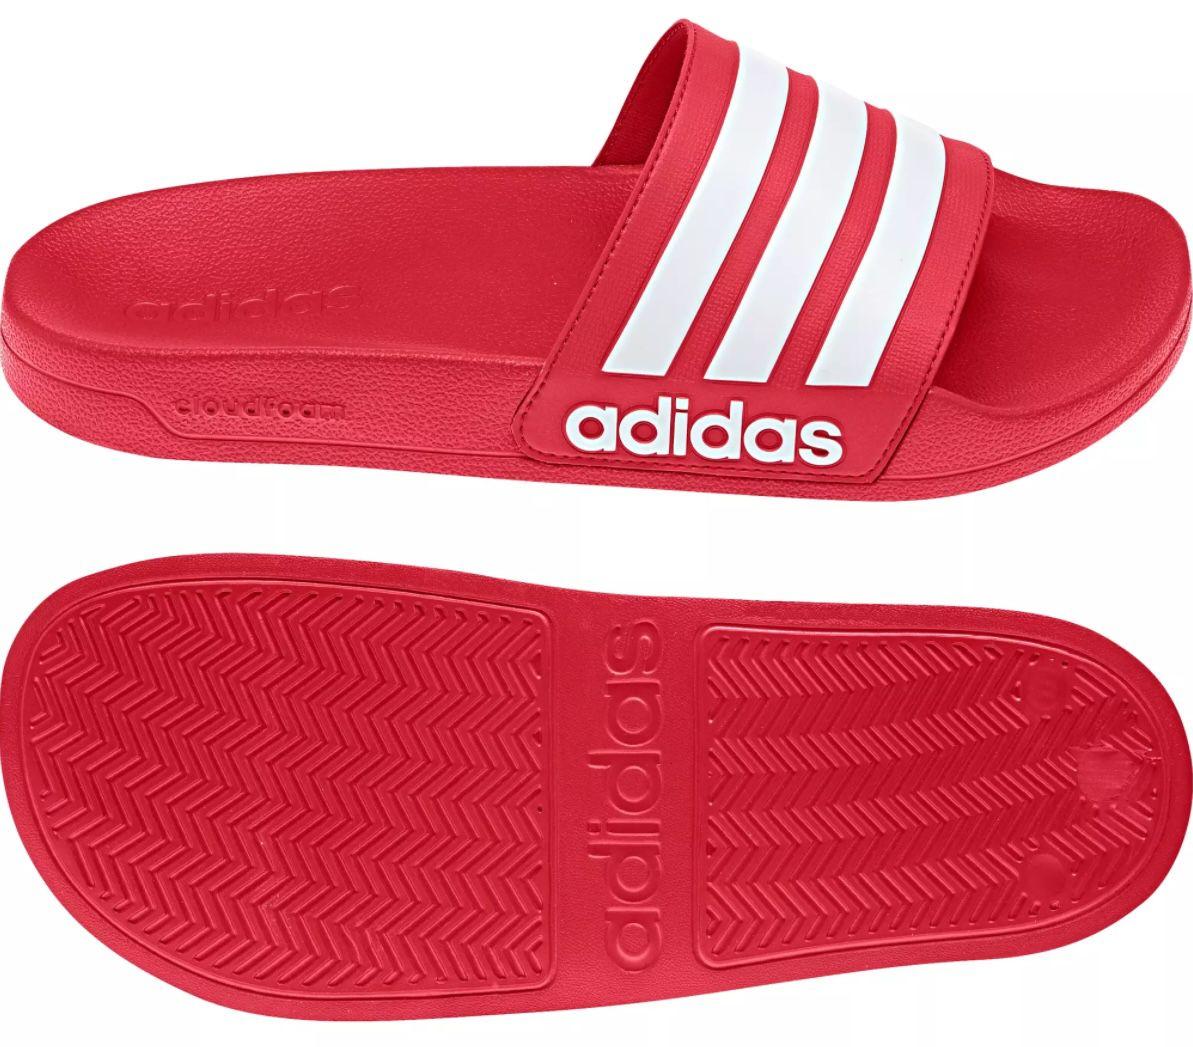 adidas Cloudfoam Adilette Slide in Rot für 16,66€ (statt 20€)